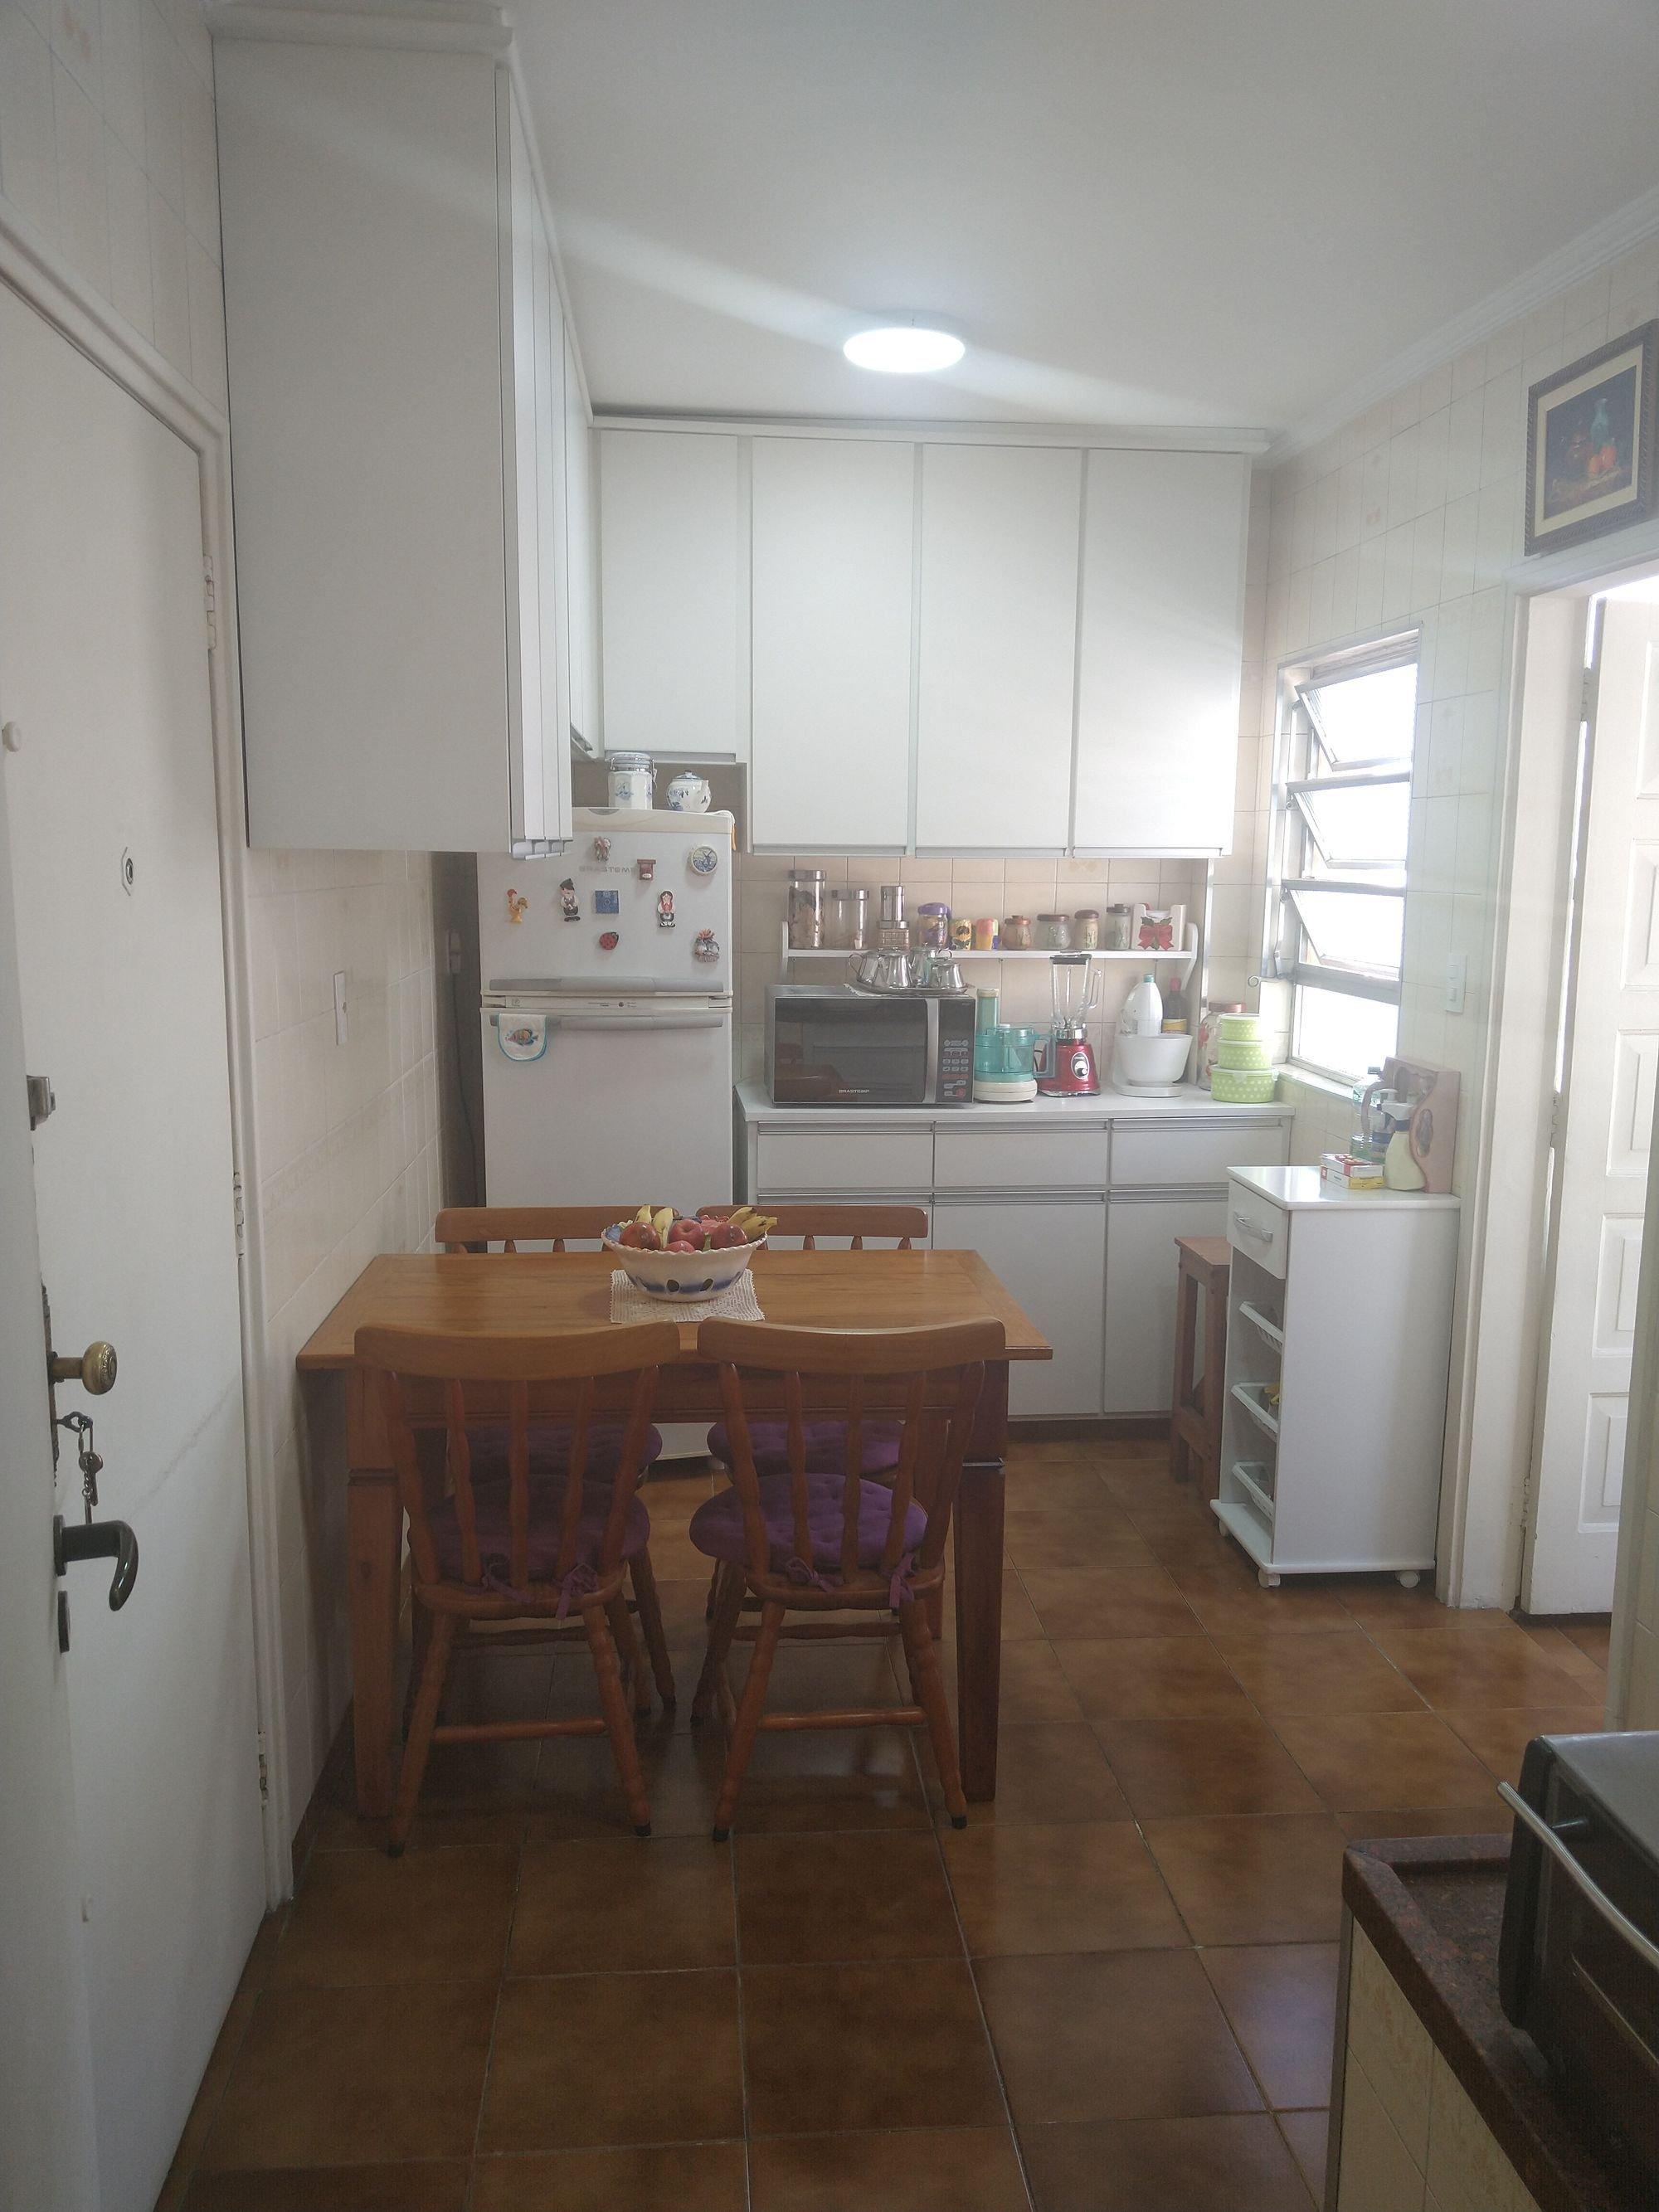 Foto de Cozinha com garrafa, tigela, geladeira, cadeira, microondas, mesa de jantar